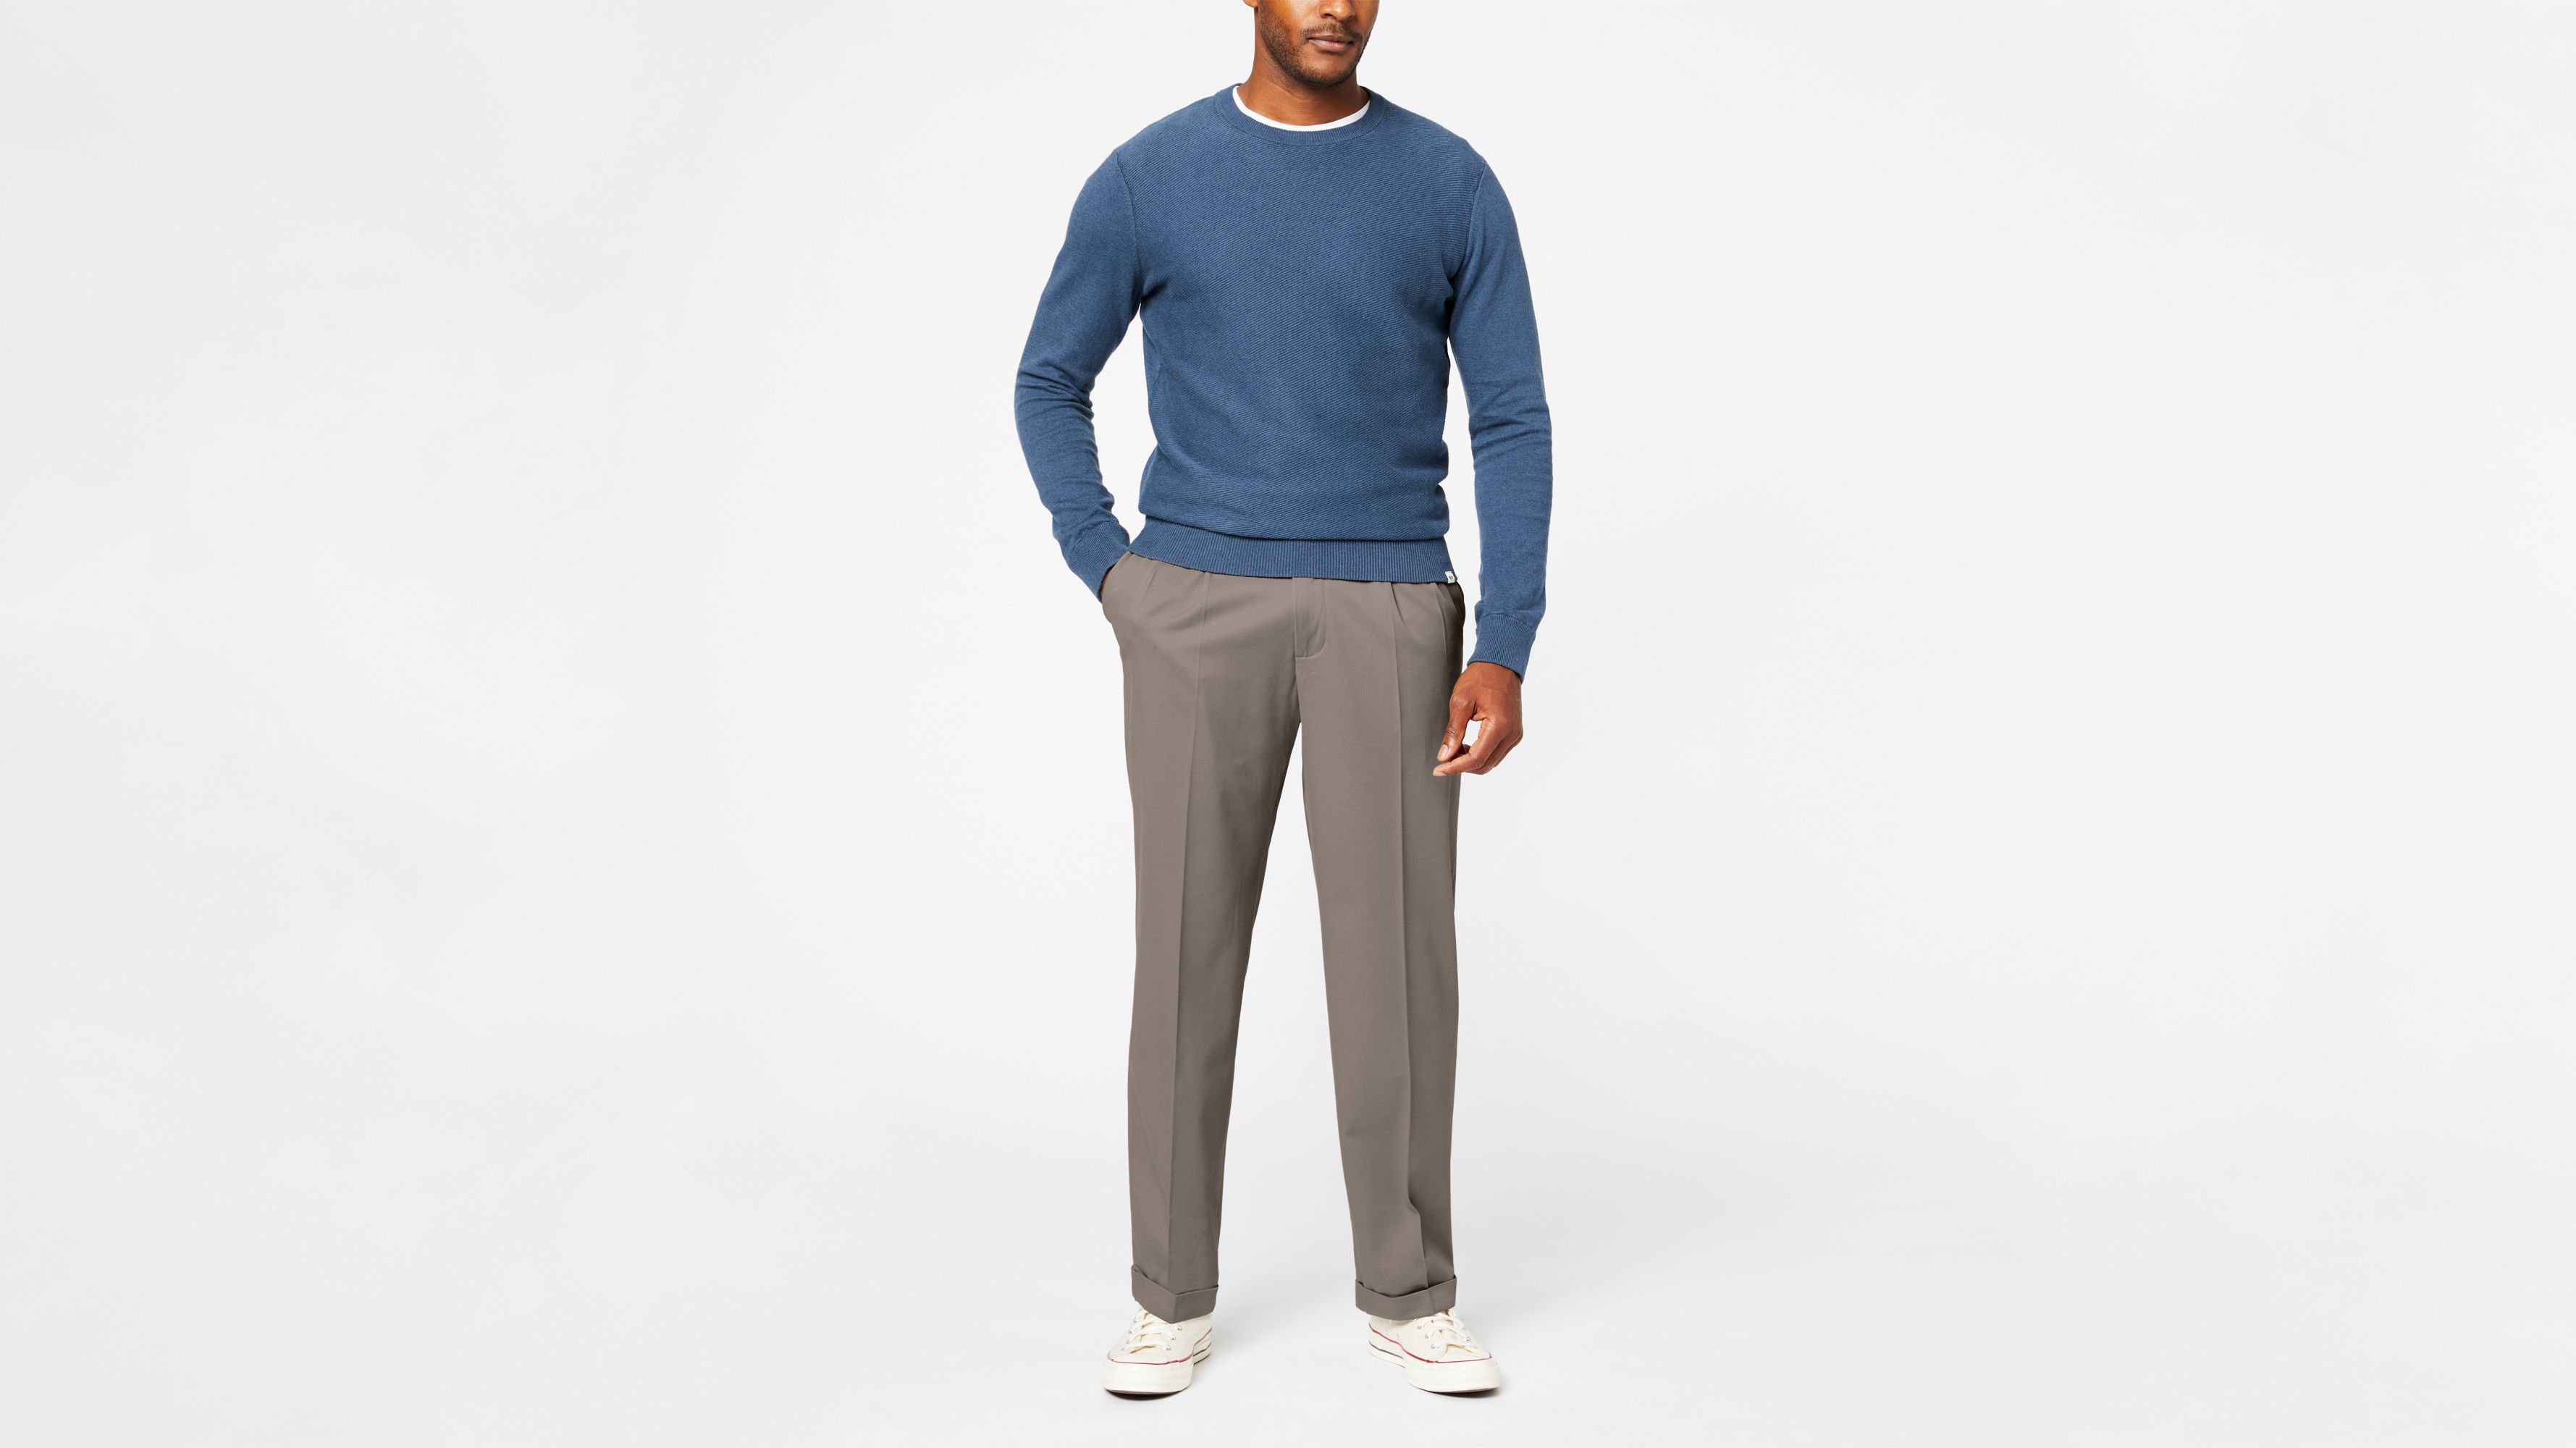 Mens Heavy Duty Regular Fit Jean Waist Size 30 32 34 36 38 40 42 44 46 48 50